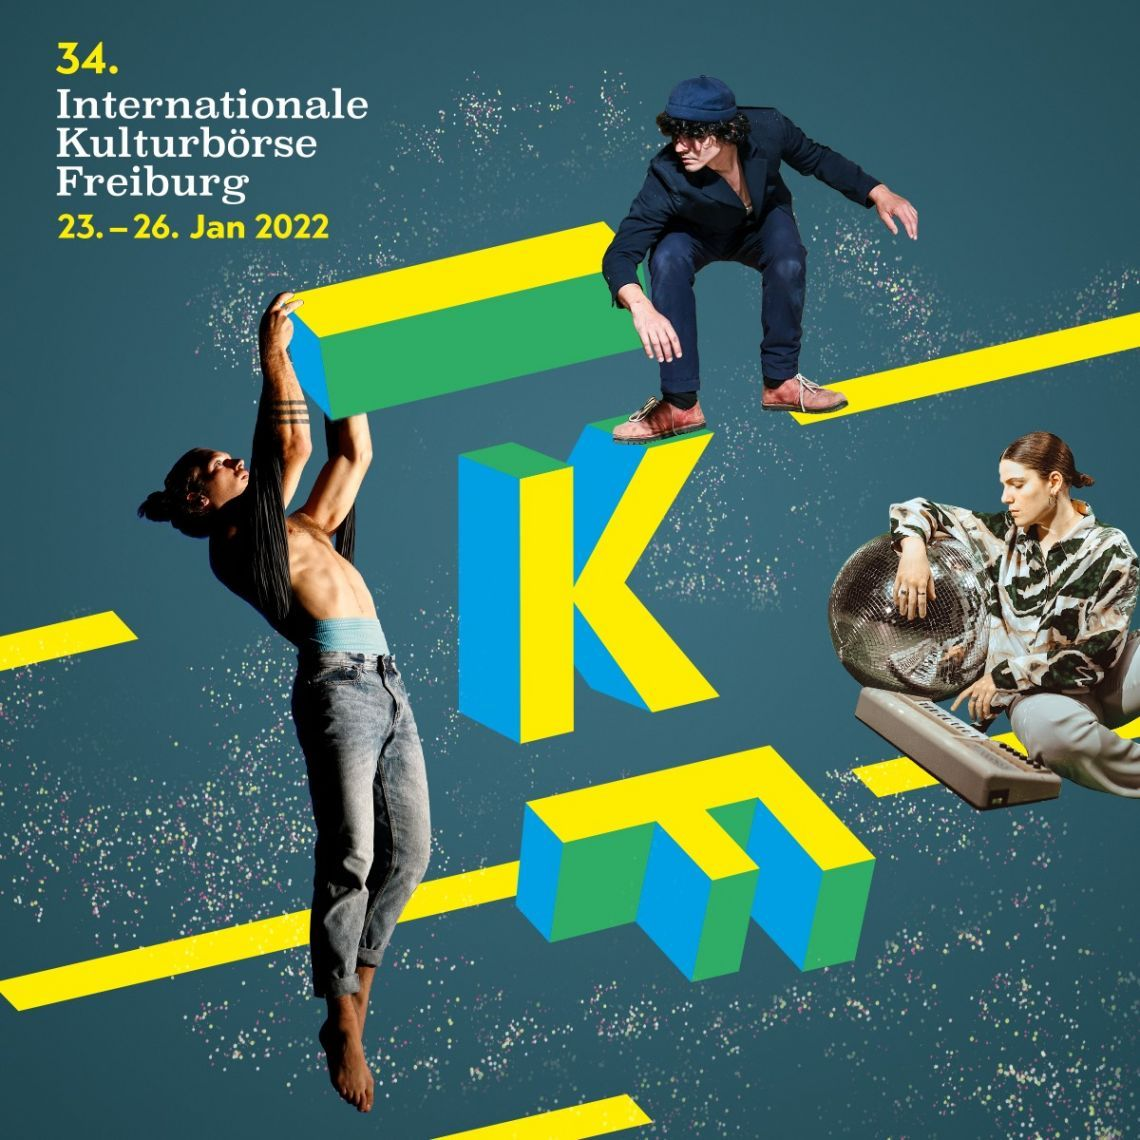 34. Internationale Kulturbörse Freiburg (IKF) Internationale Fachmesse für Bühnenproduktionen, Musik und Events 23. bis 26. Januar 2022, Messe Freiburg